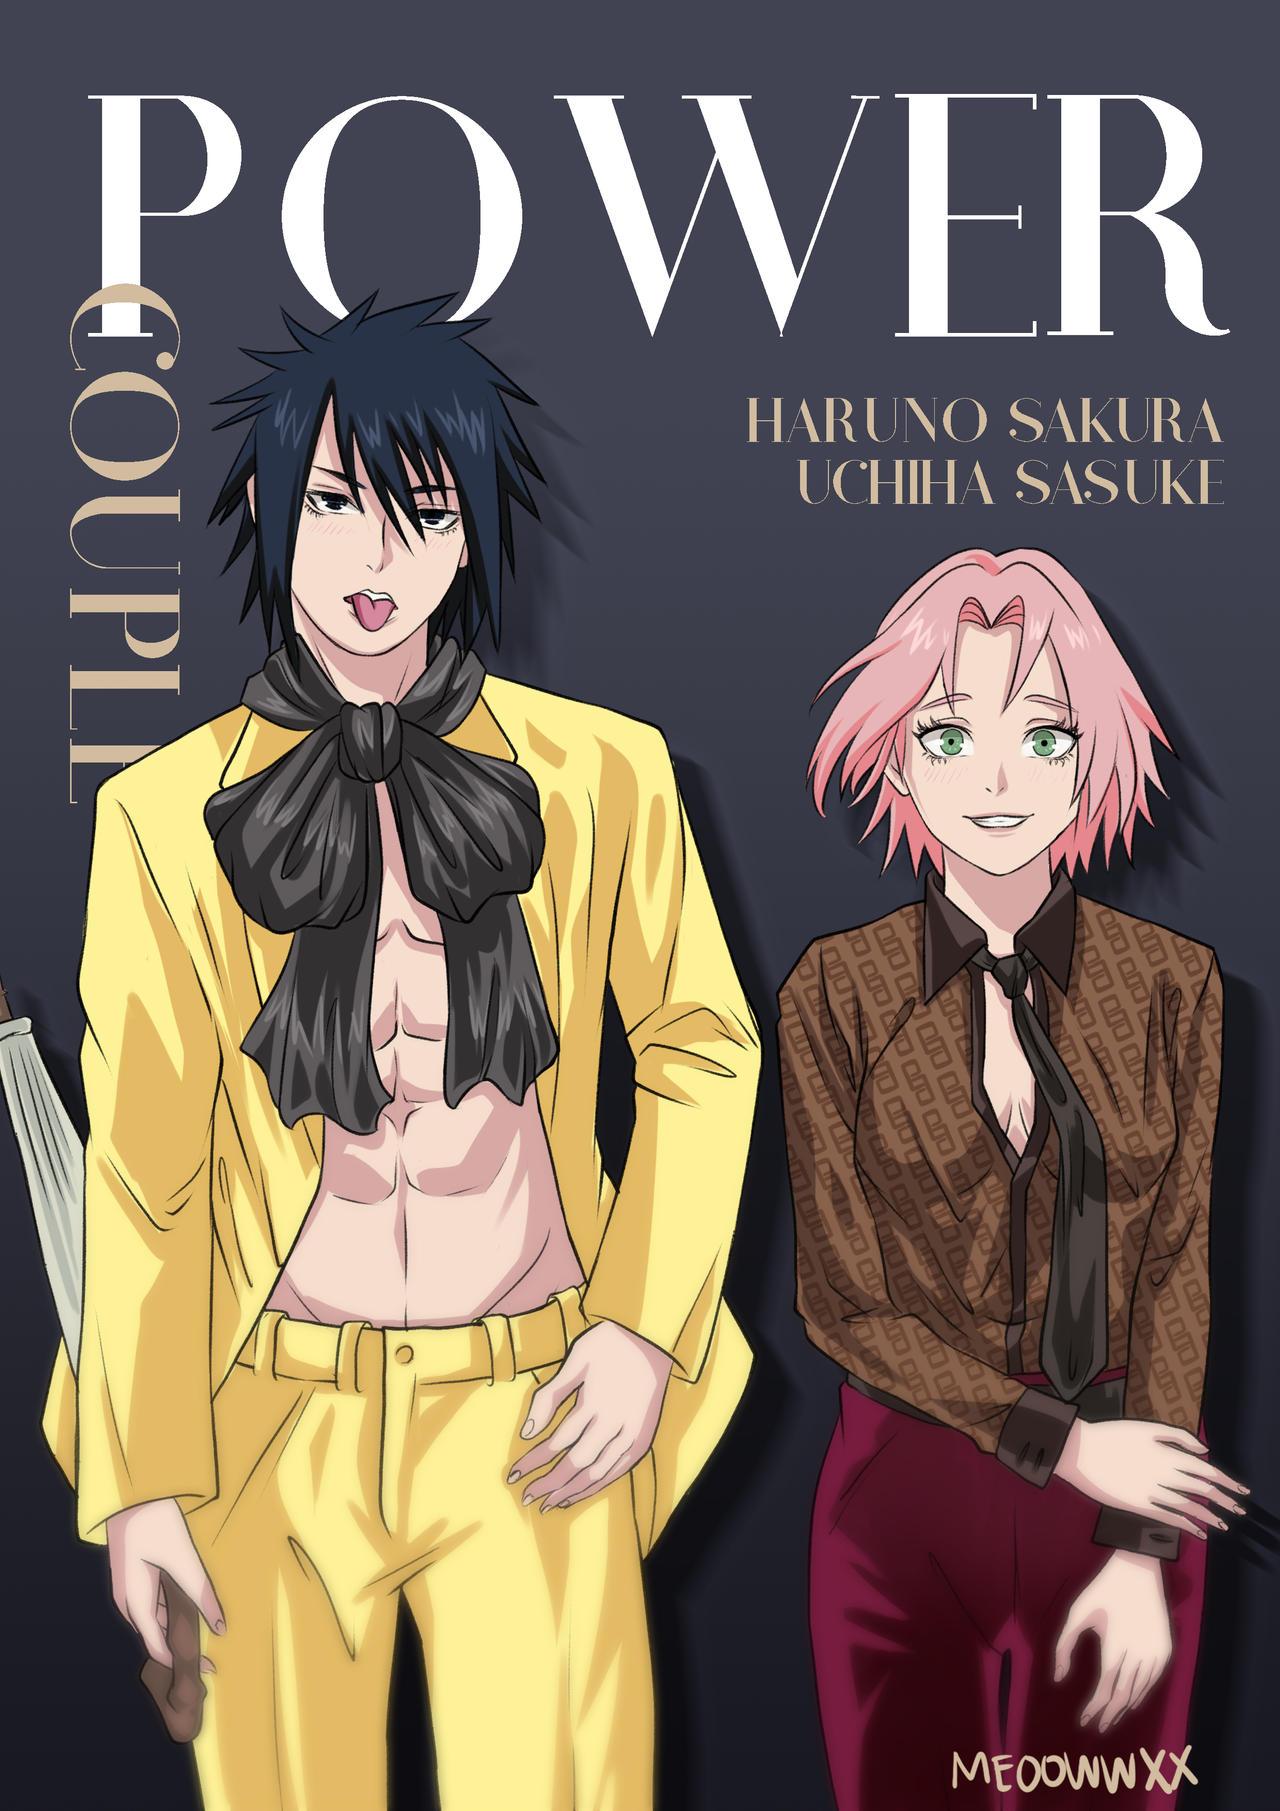 And sasuke sakura Haruno Sakura/Uchiha